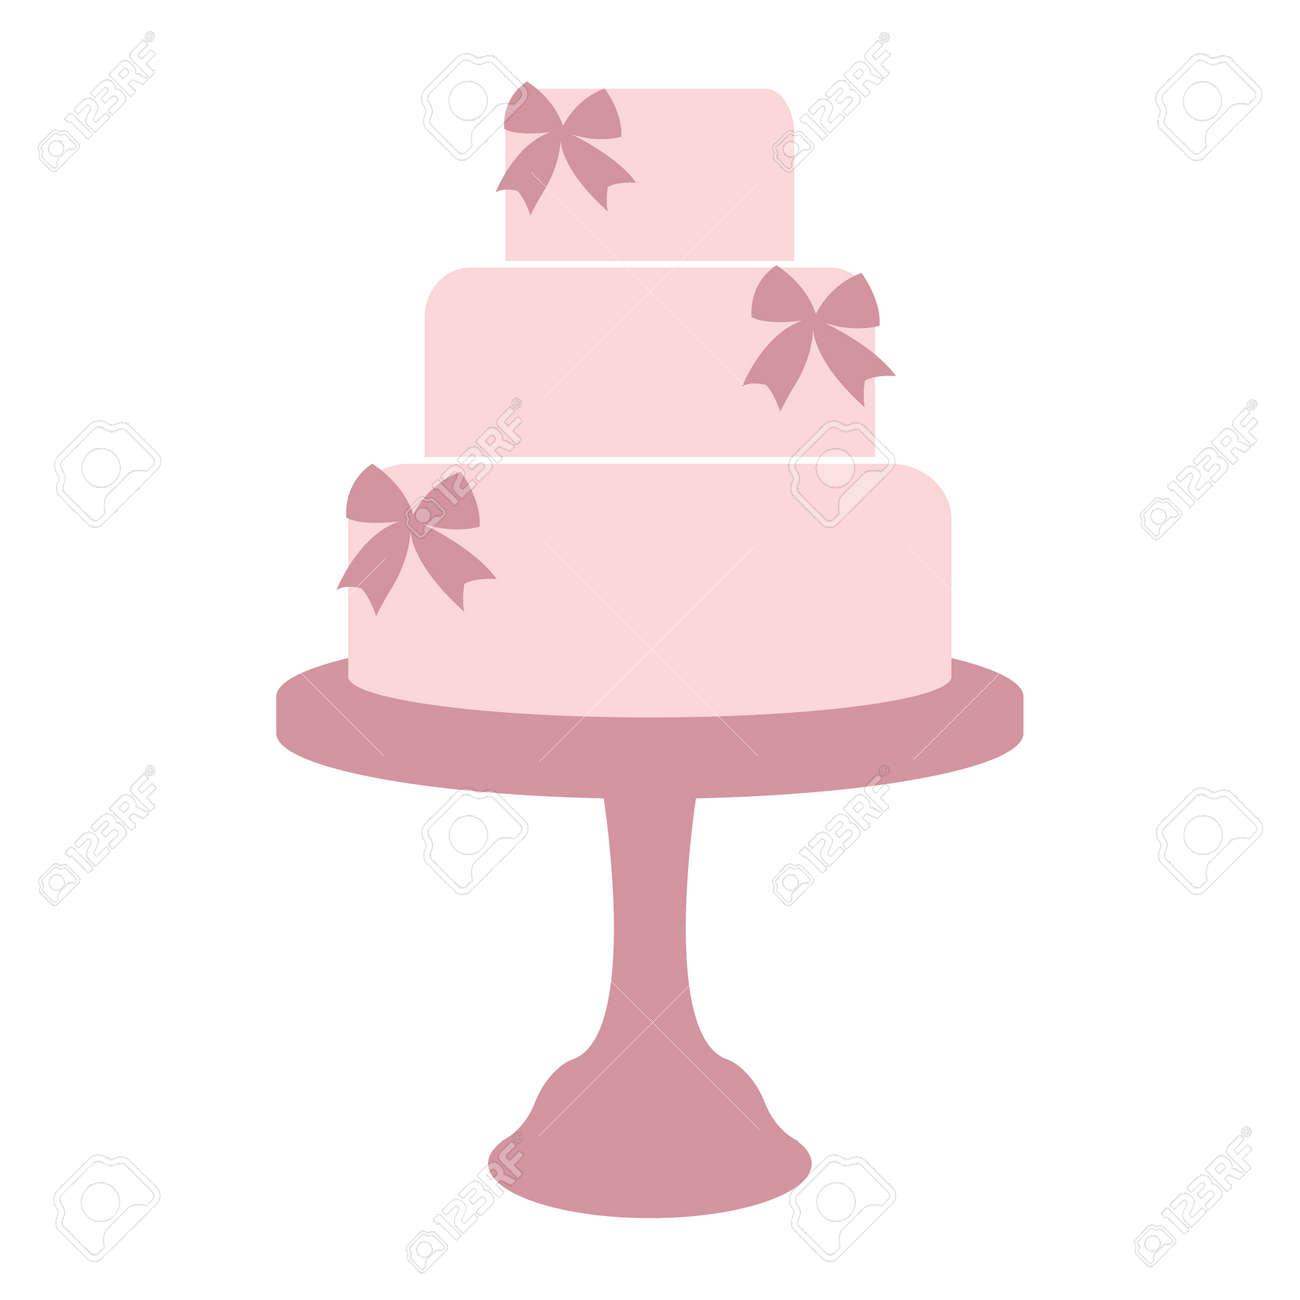 vintage wedding cake label design template for label badge